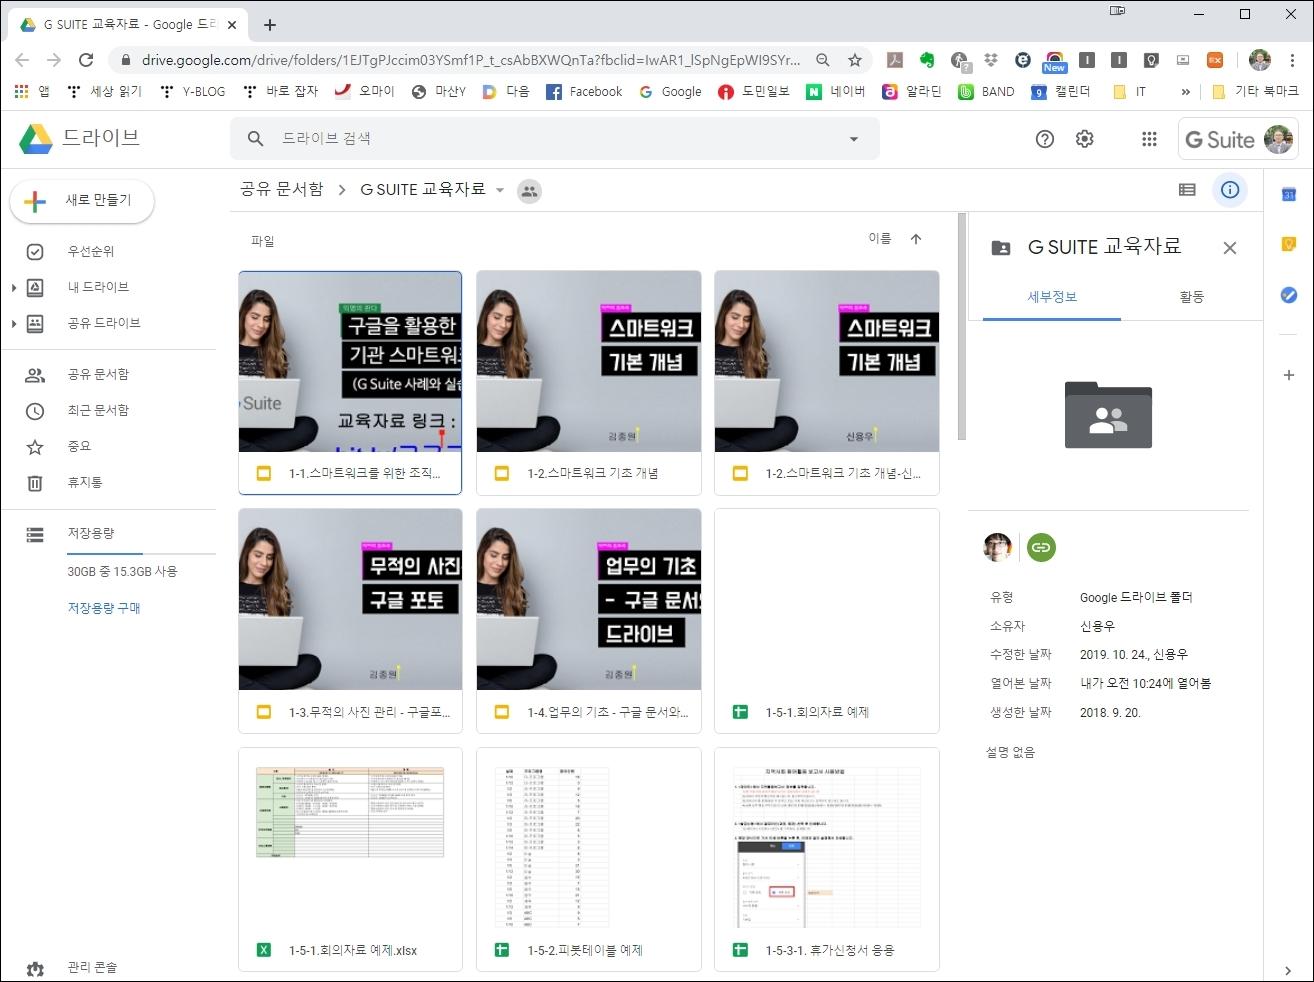 구글 G-suite '고수들이 만든 자료' 활용하기